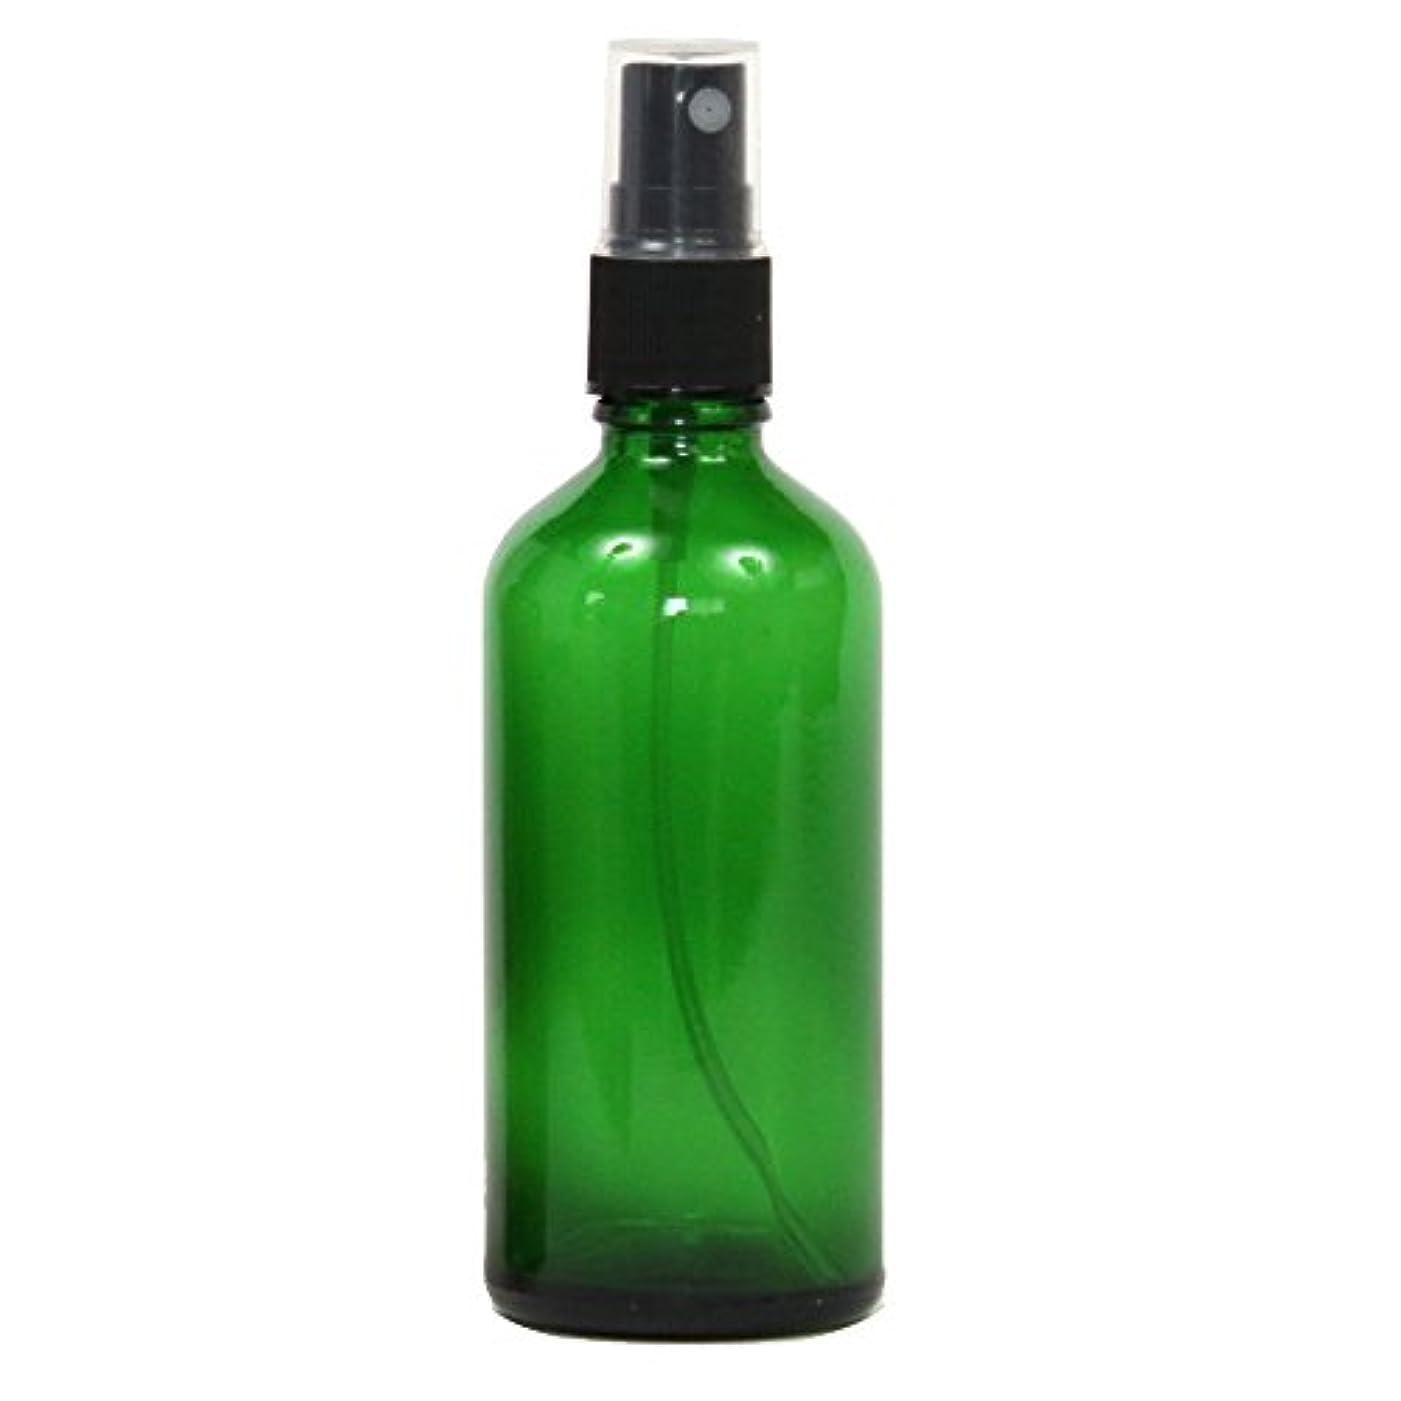 食い違いダウンタウン誤解するスプレーボトル ガラス瓶 100mL 遮光性グリーン ガラスアトマイザー 空容器